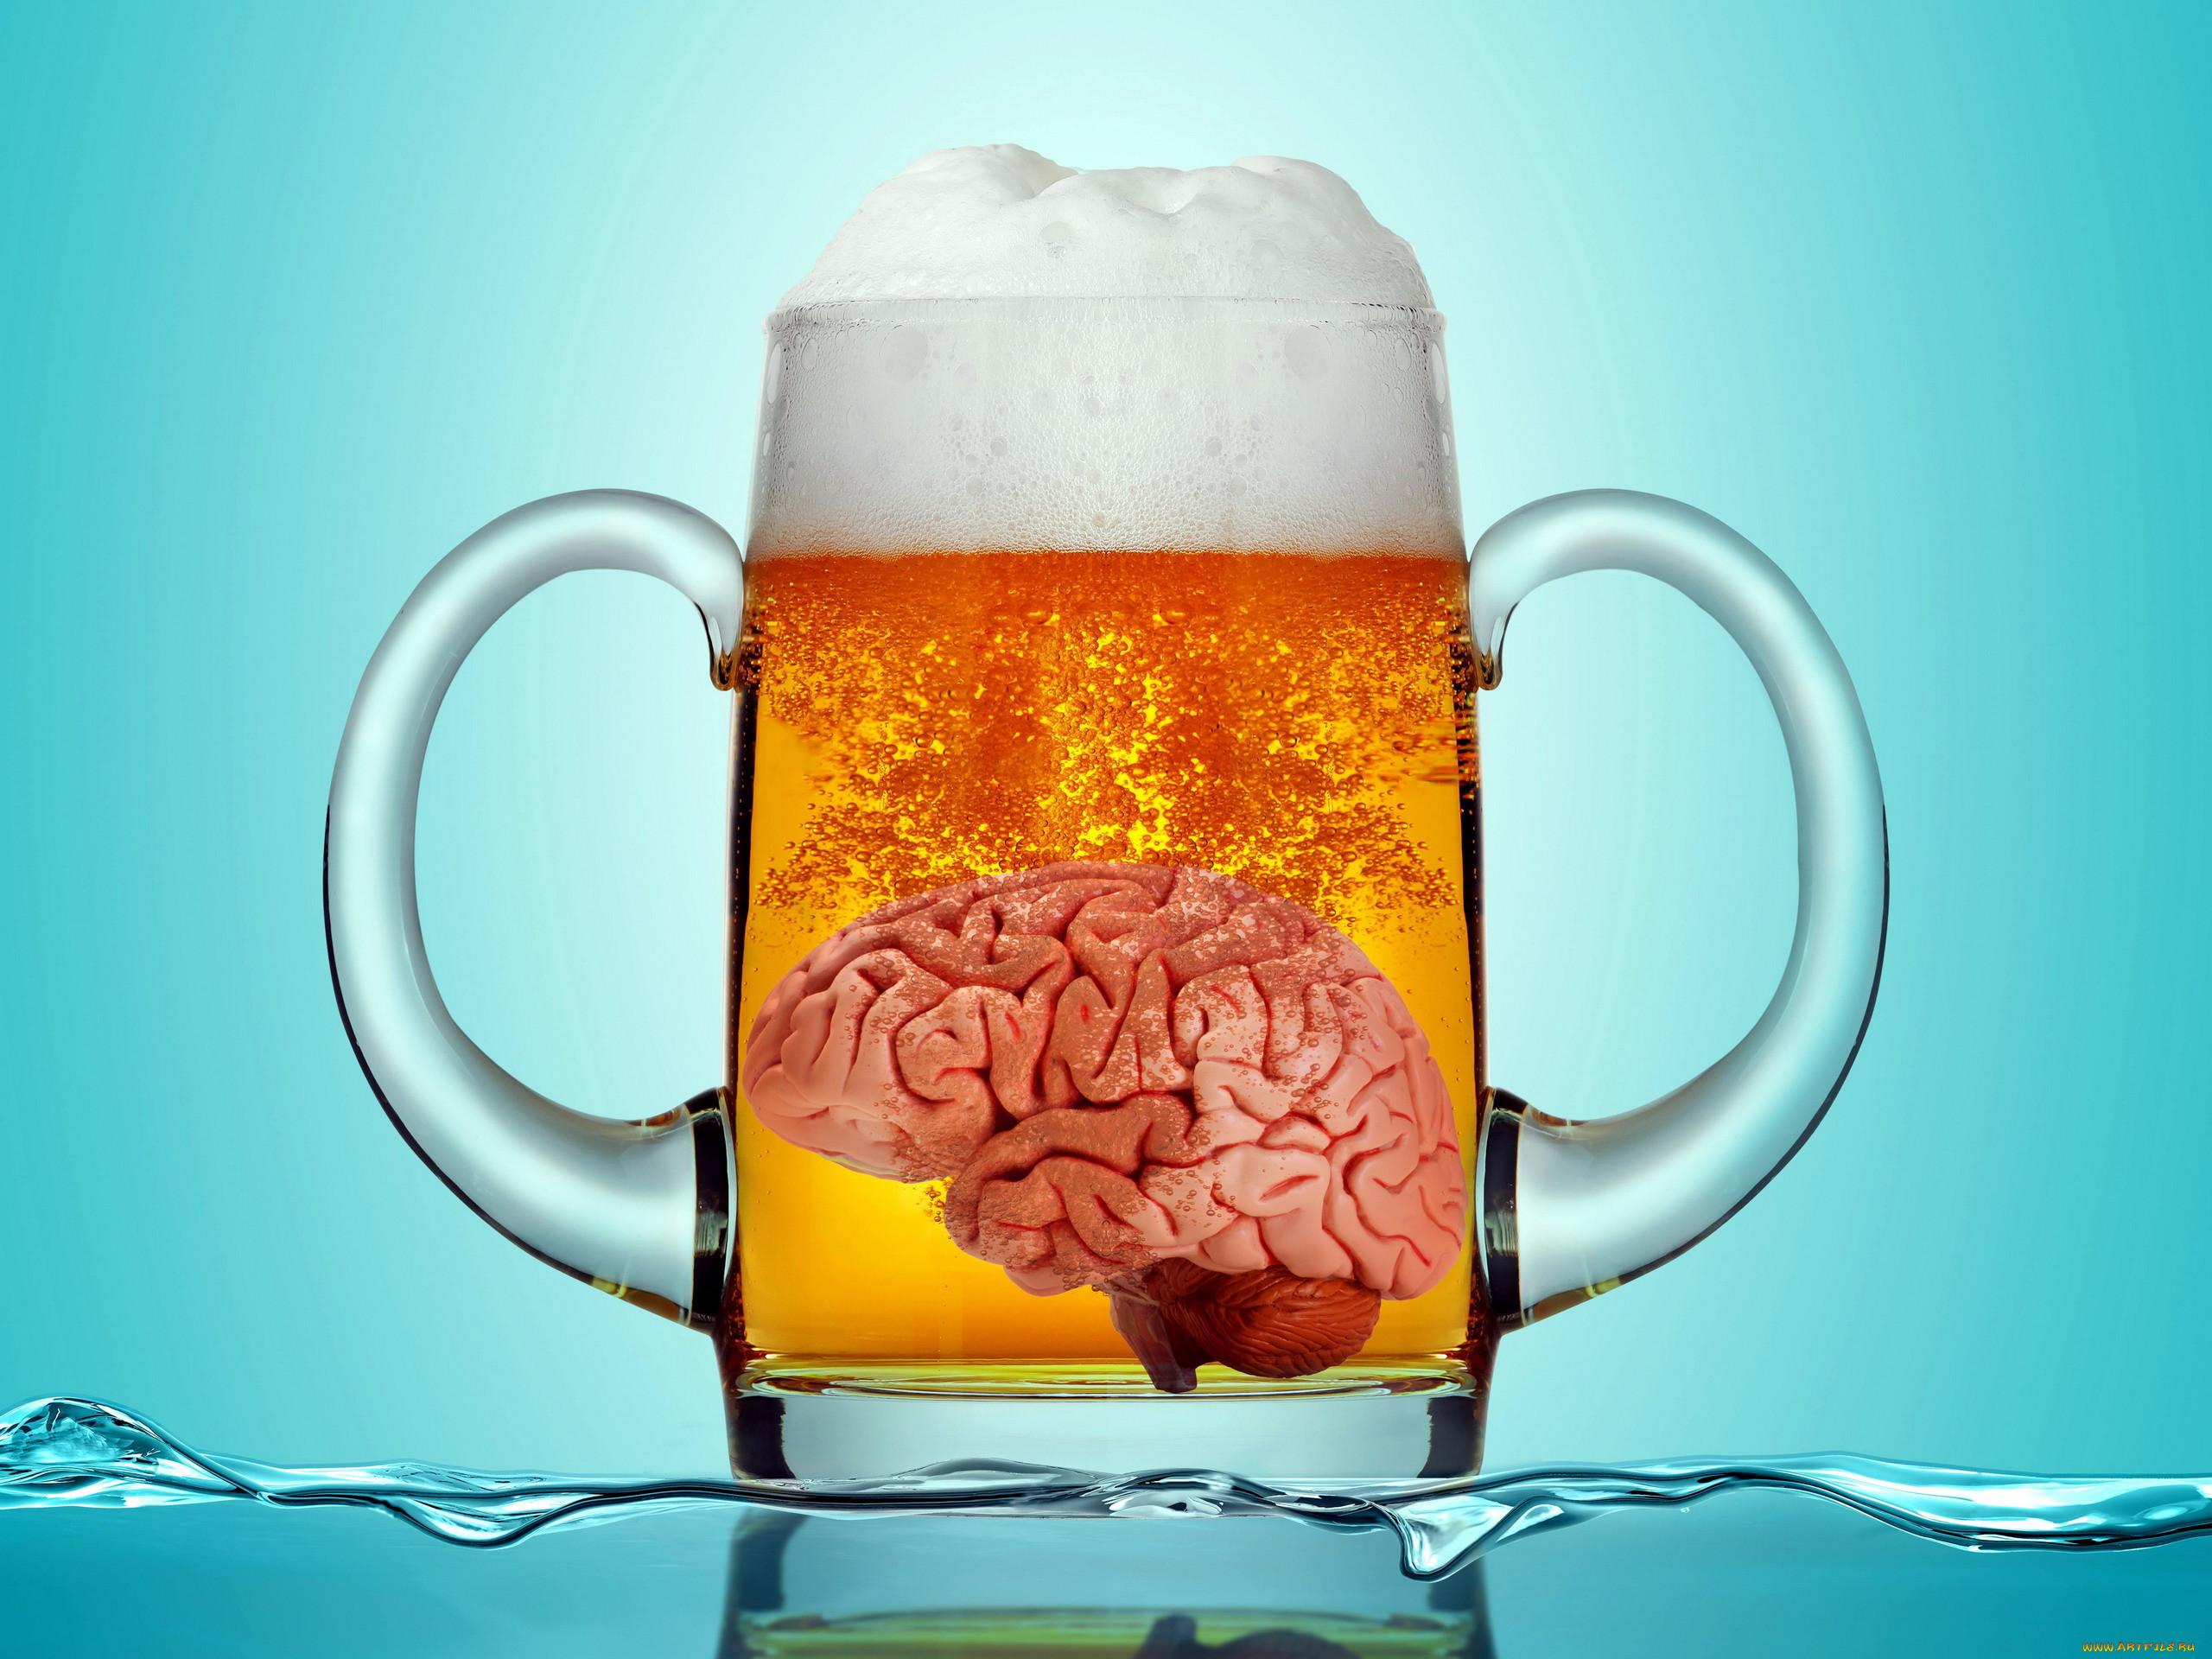 больше картинки на тему пива прикольные высокого качества представить